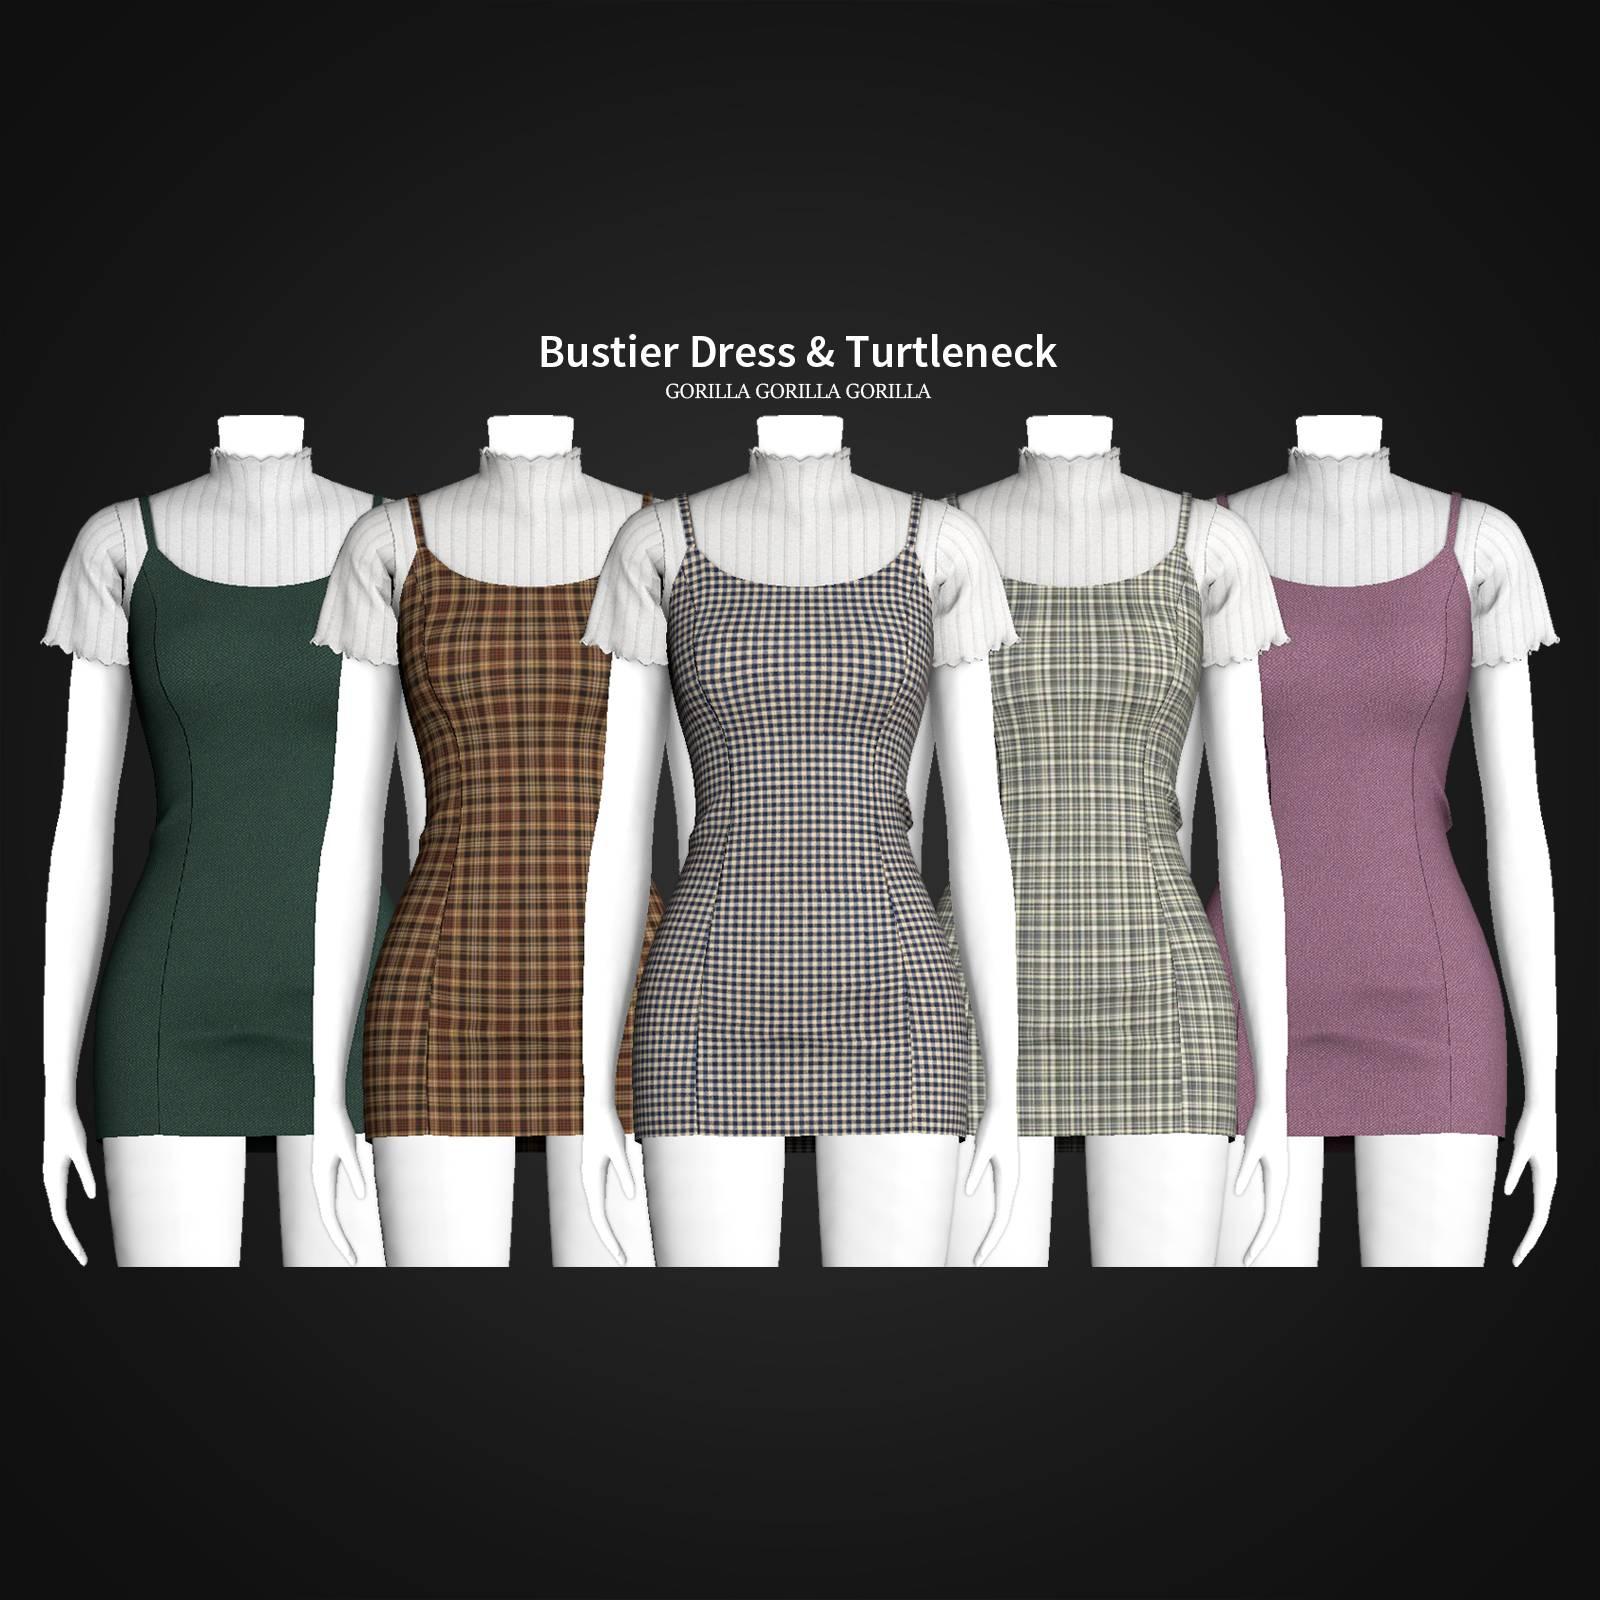 Водолазка и платье - Bustier Dress & Turtleneck